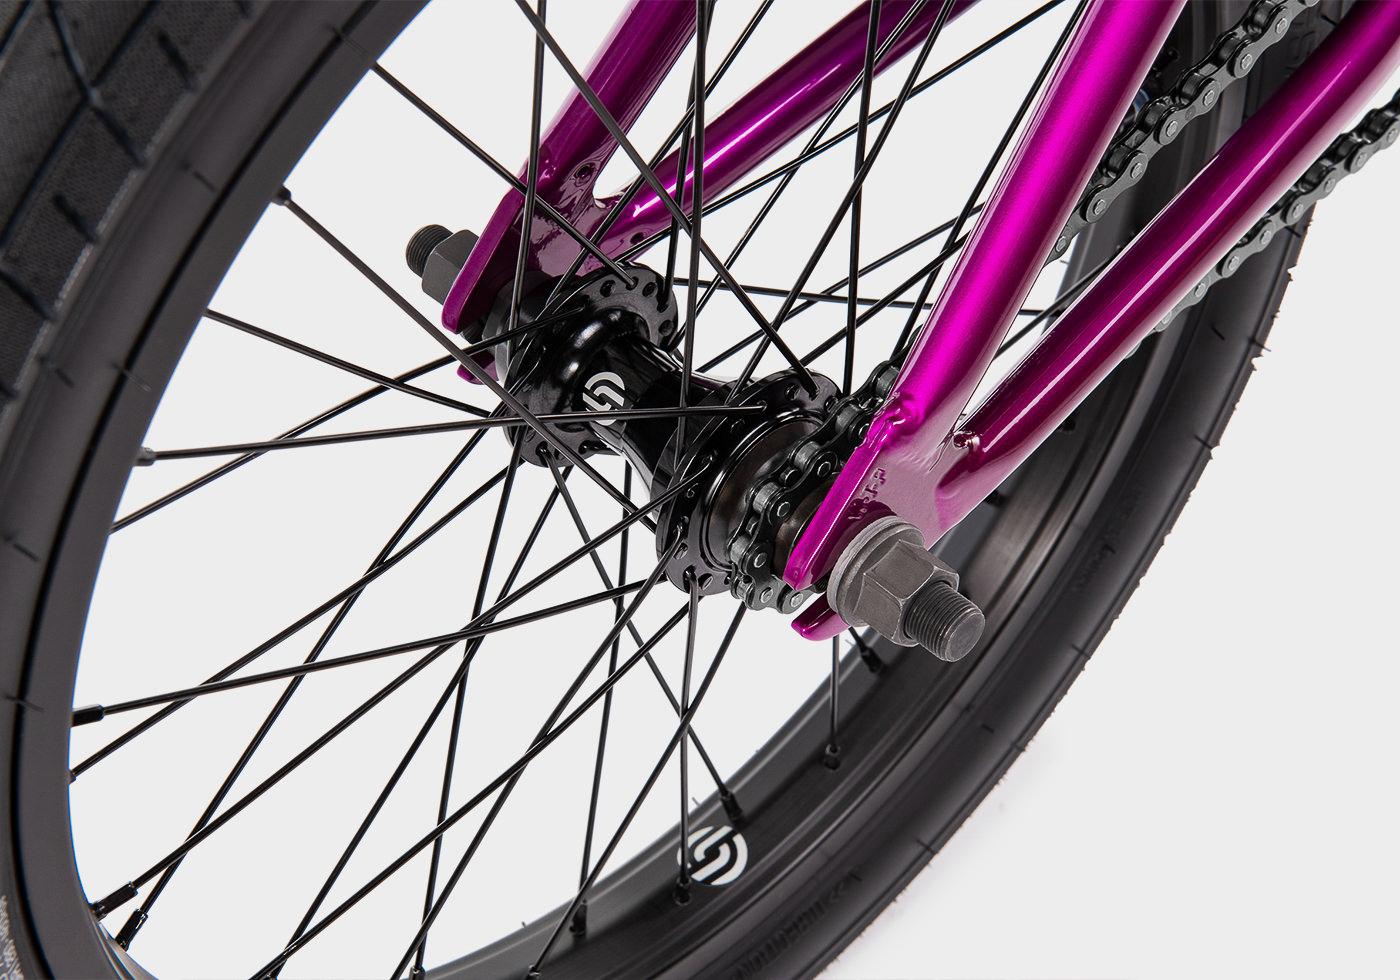 WTP_MY20_website_detail_gallery_CRS_18_metallic_purple_02_1400x980.jpg